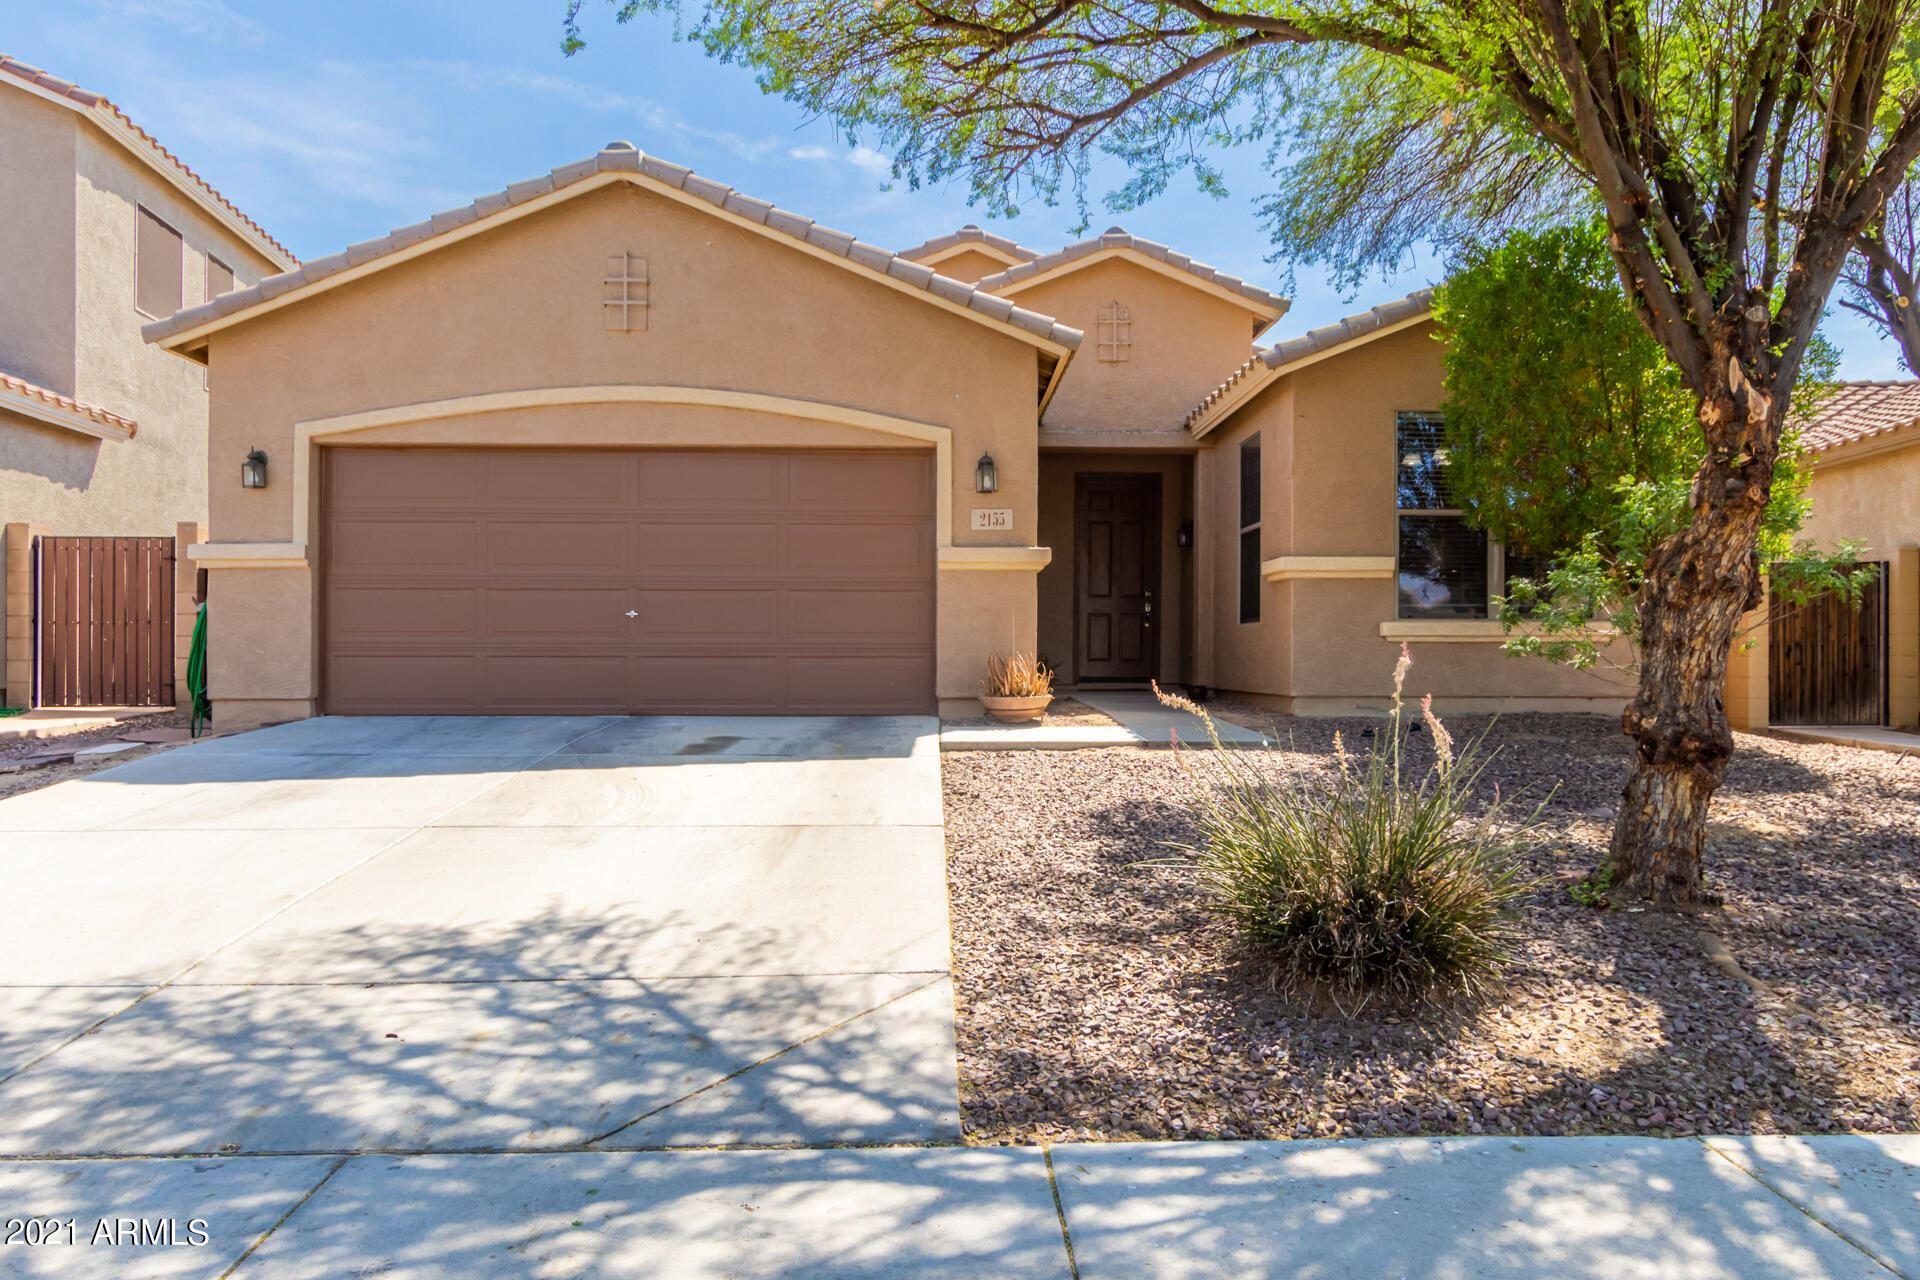 2155 W Desert Seasons Drive, San Tan Valley, AZ 85142 - MLS#: 6259717